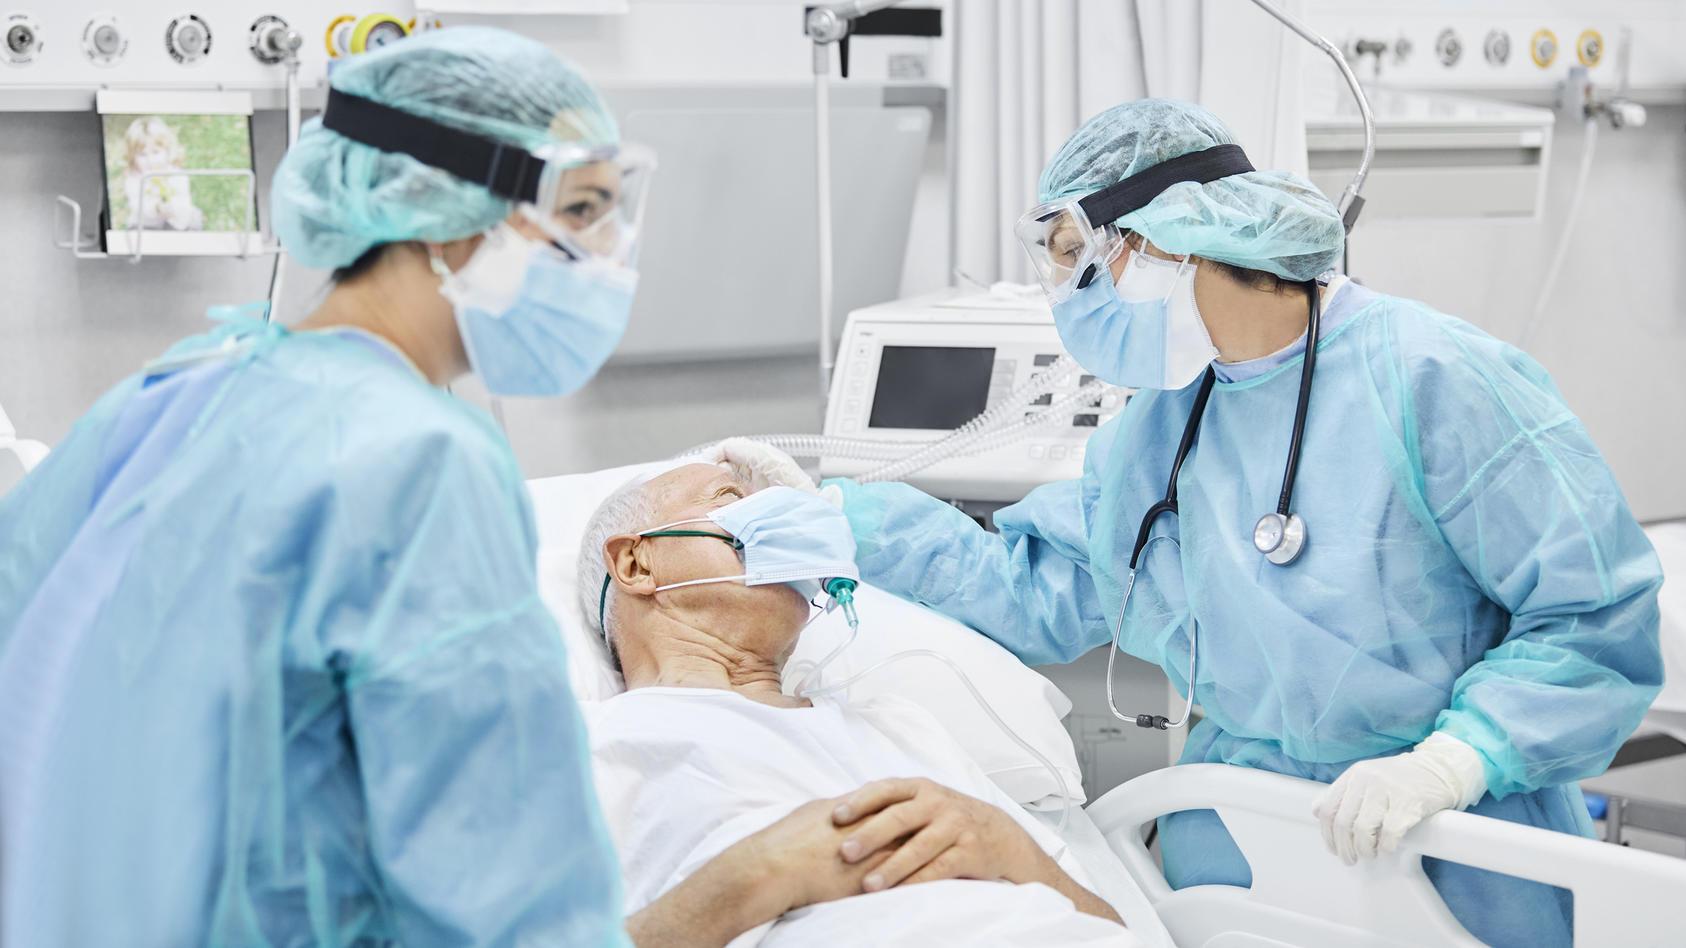 Monoklonale Antikörper werden im Labor hergestellt und sollen das Virus nach einer Infektion außer Gefecht setzen.